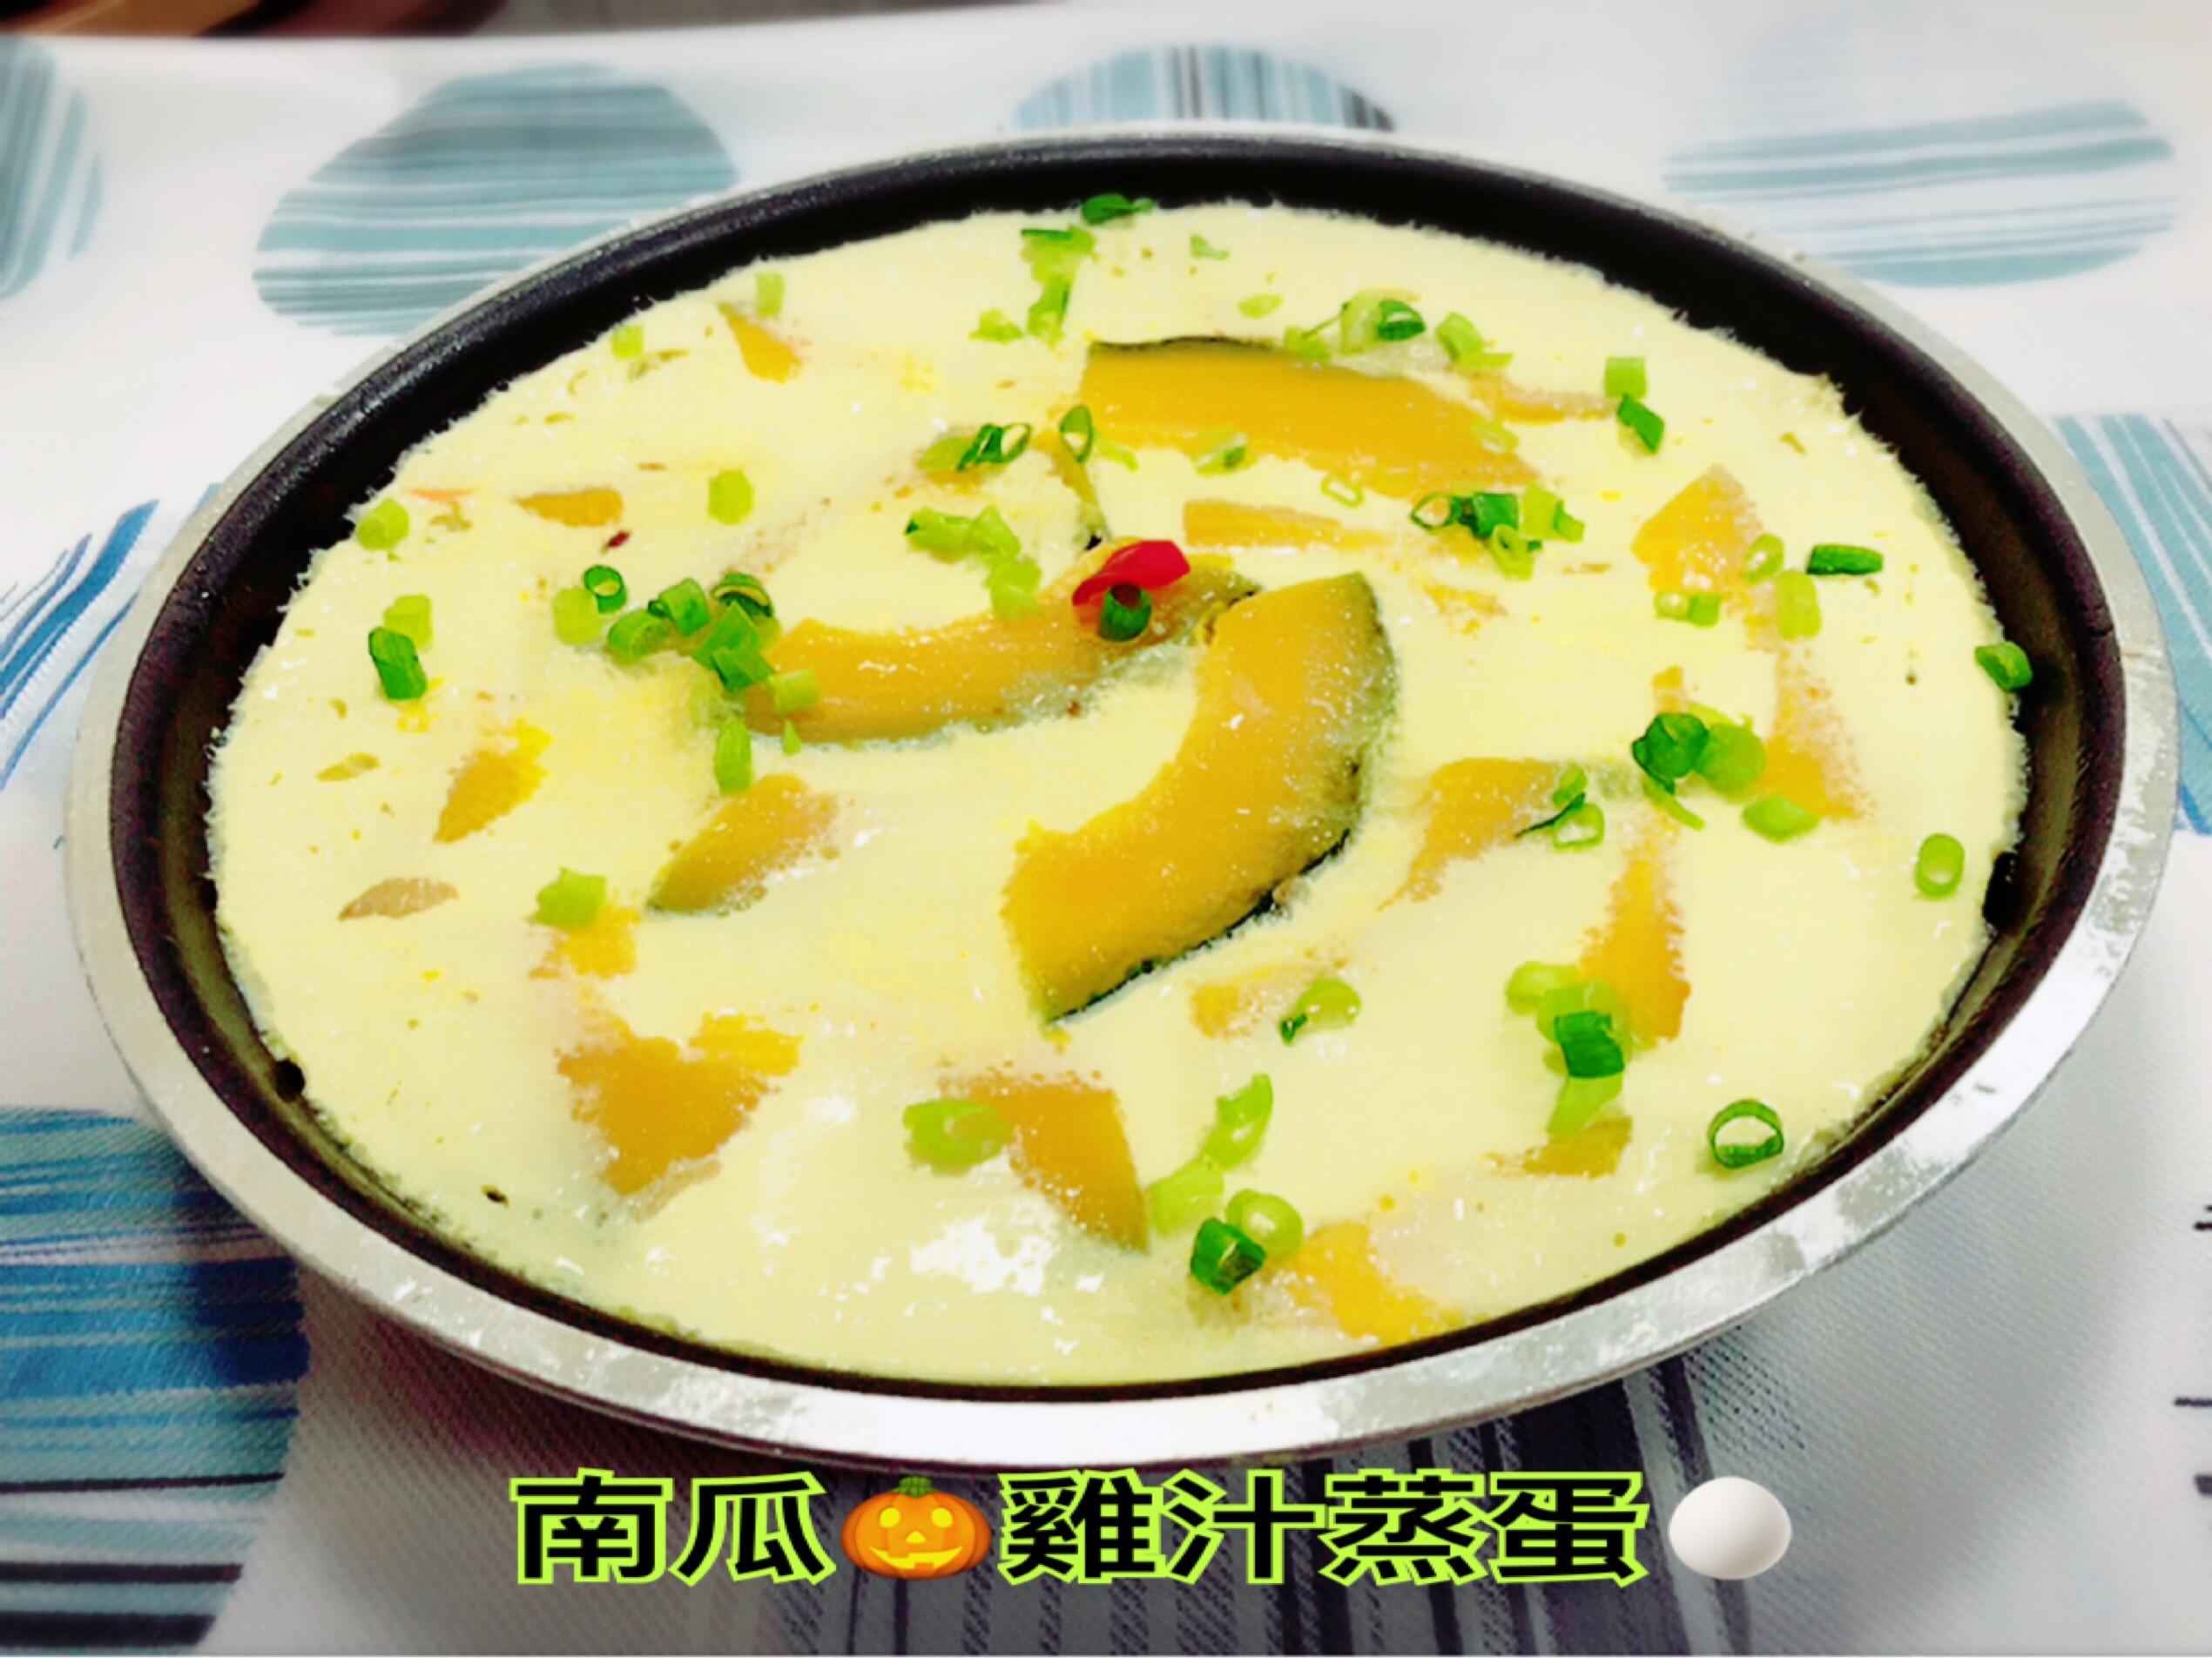 水波爐南瓜雞汁蒸蛋(牛頭牌雞汁口味)